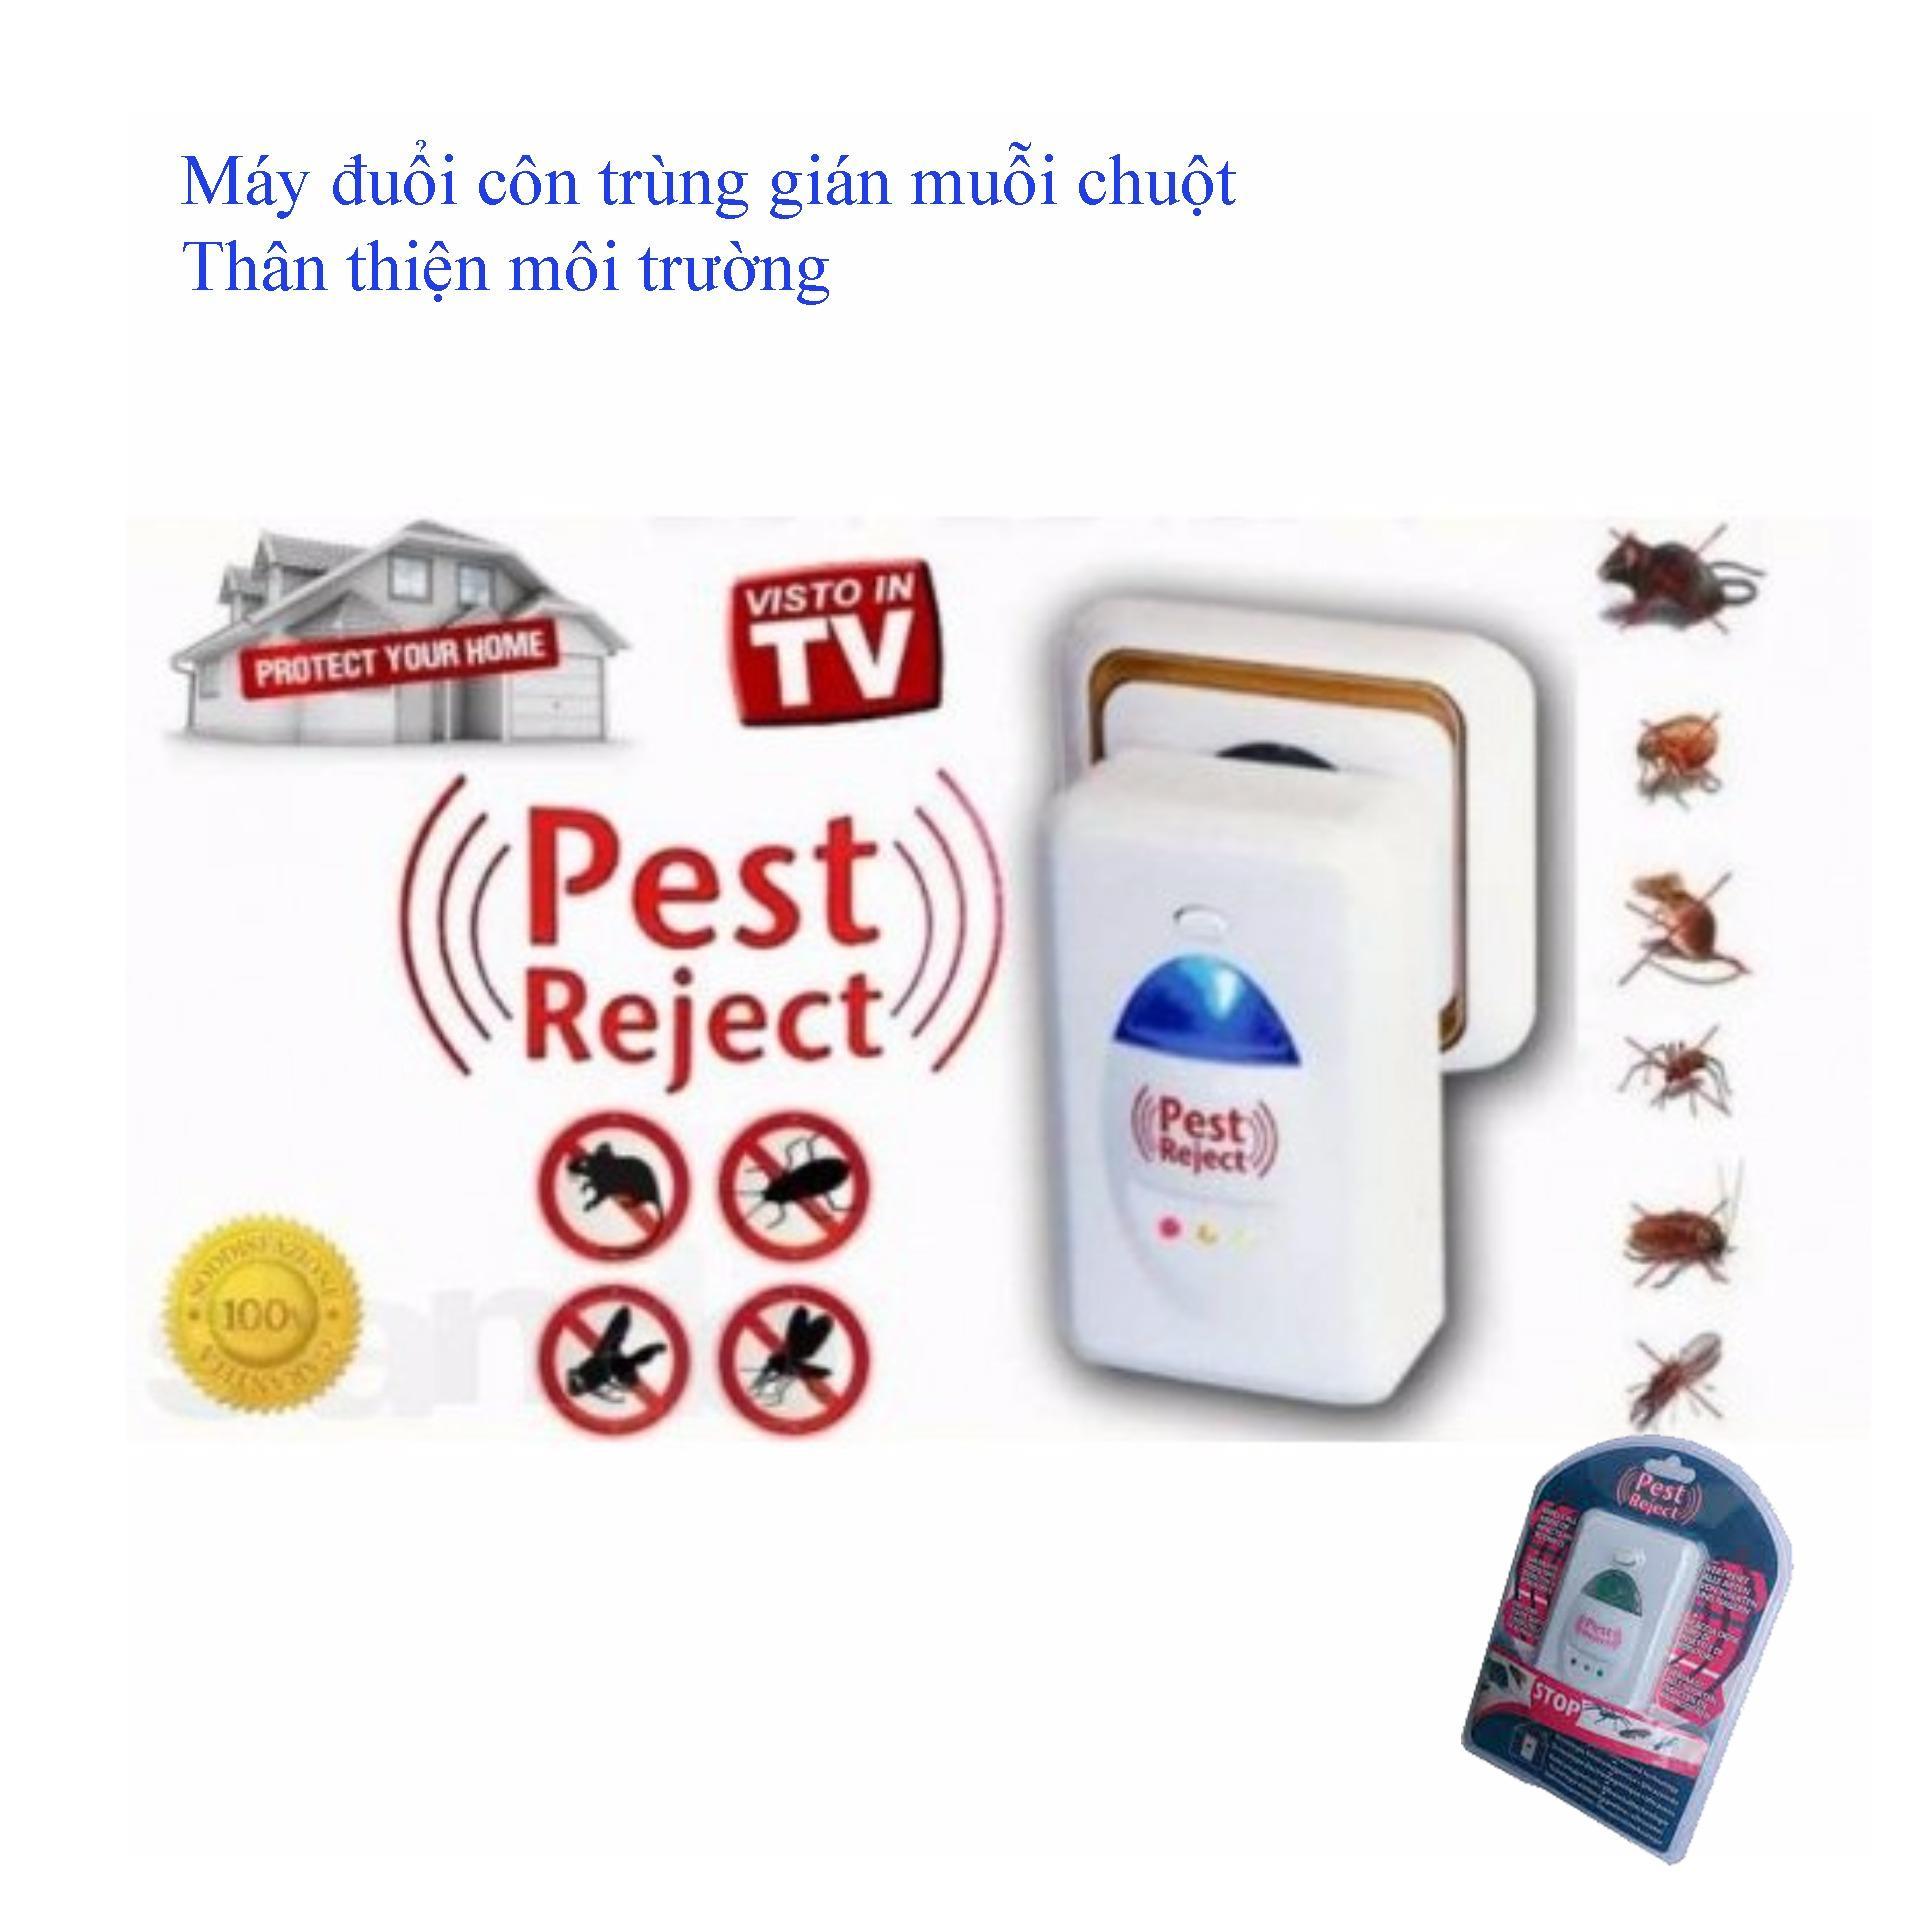 Trị Muỗi Cắn, Máy Đuổi Muỗi Gián, Chuột, Chỉ Cần Cắm Điện, Thân Thiện Môi Trường , Giá Tốt Ngay Hôm Nay.